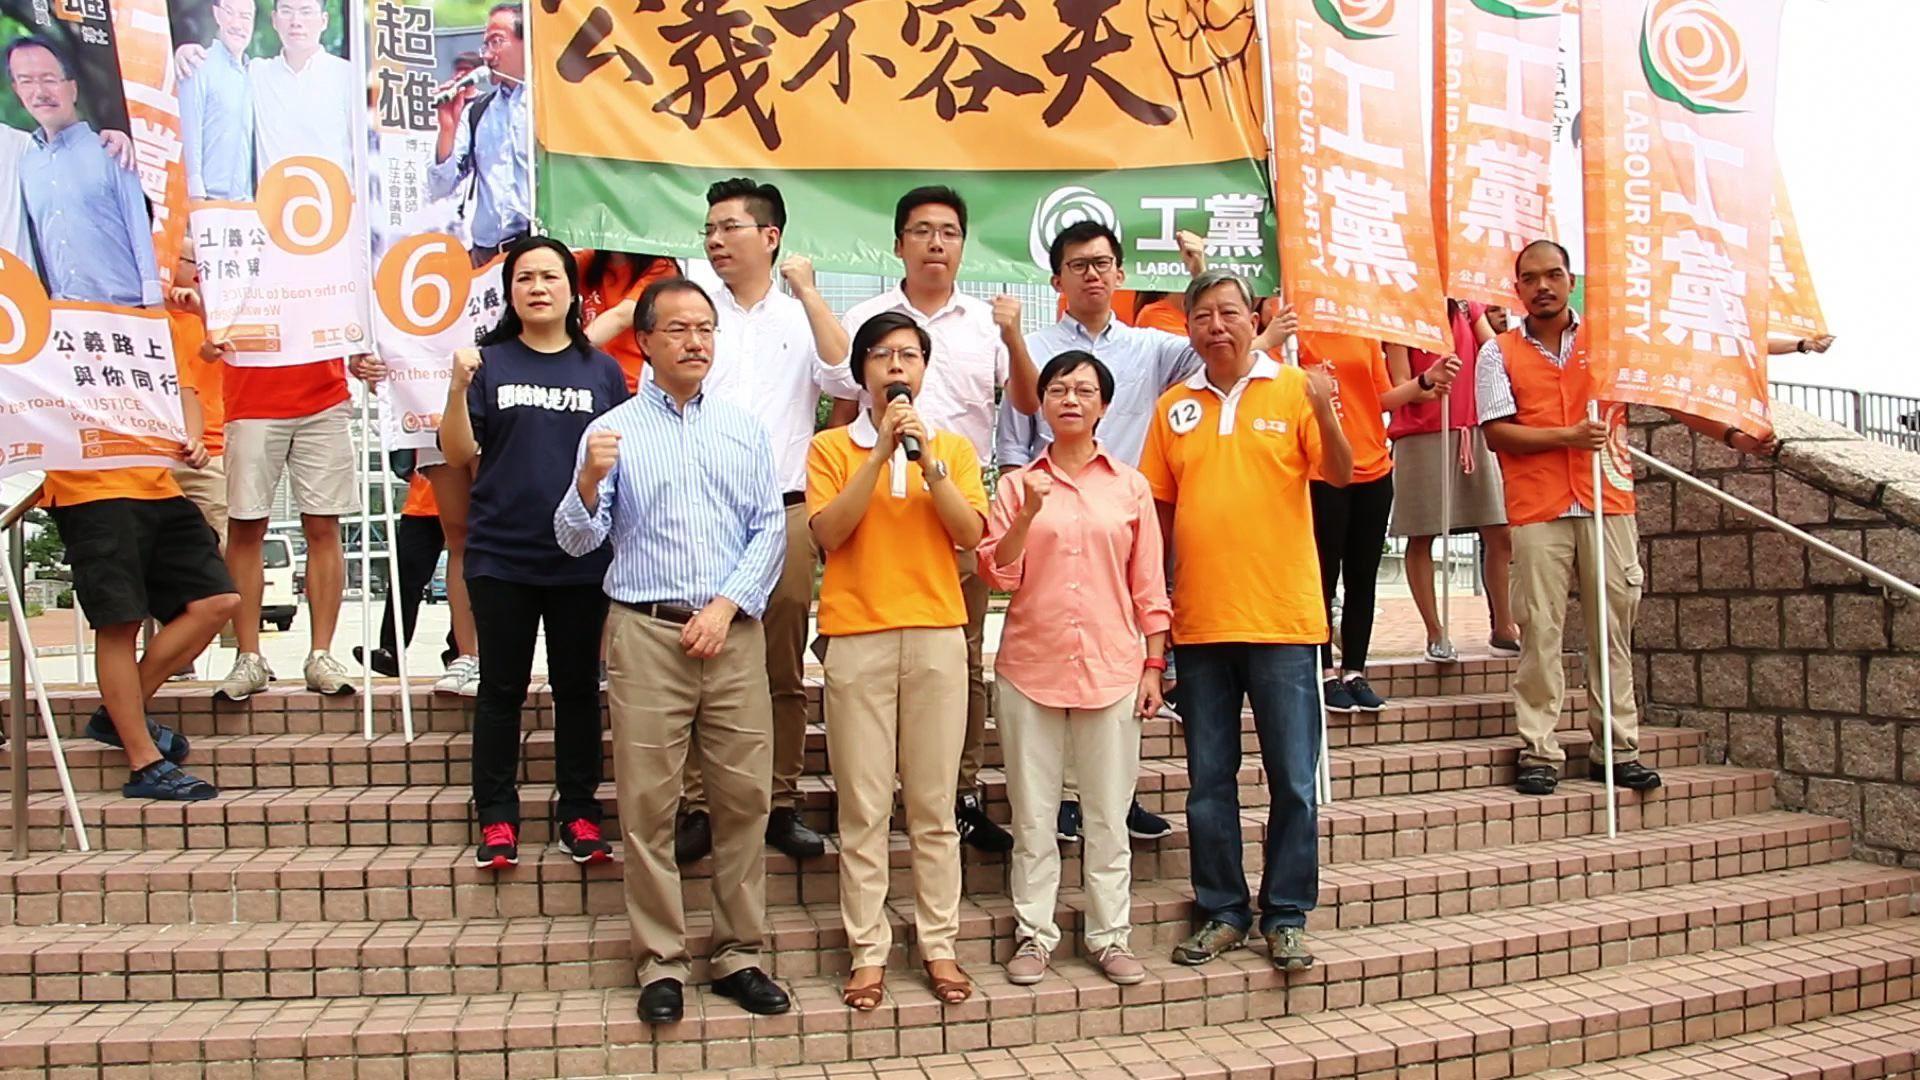 【立會選舉】工黨告急:投民主派 守護香港